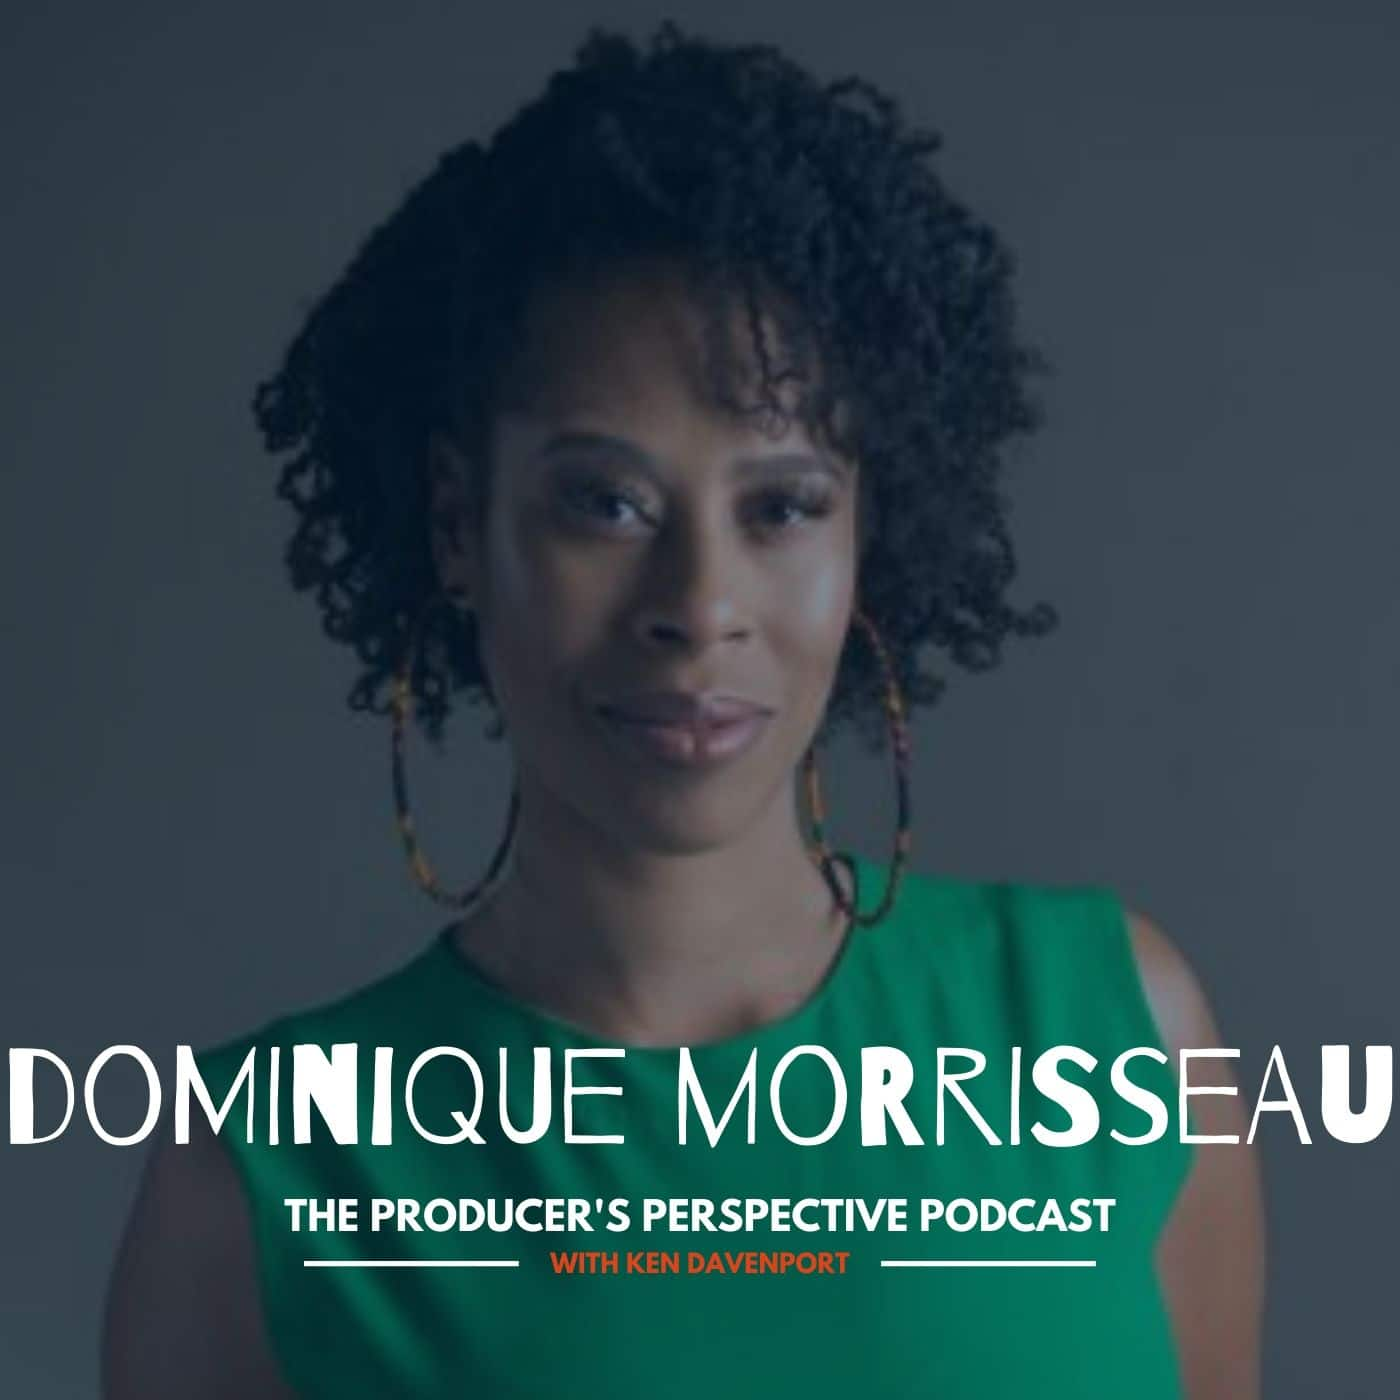 Ken Davenport's The Producer's Perspective Podcast Episode 186 - Dominique Morisseau